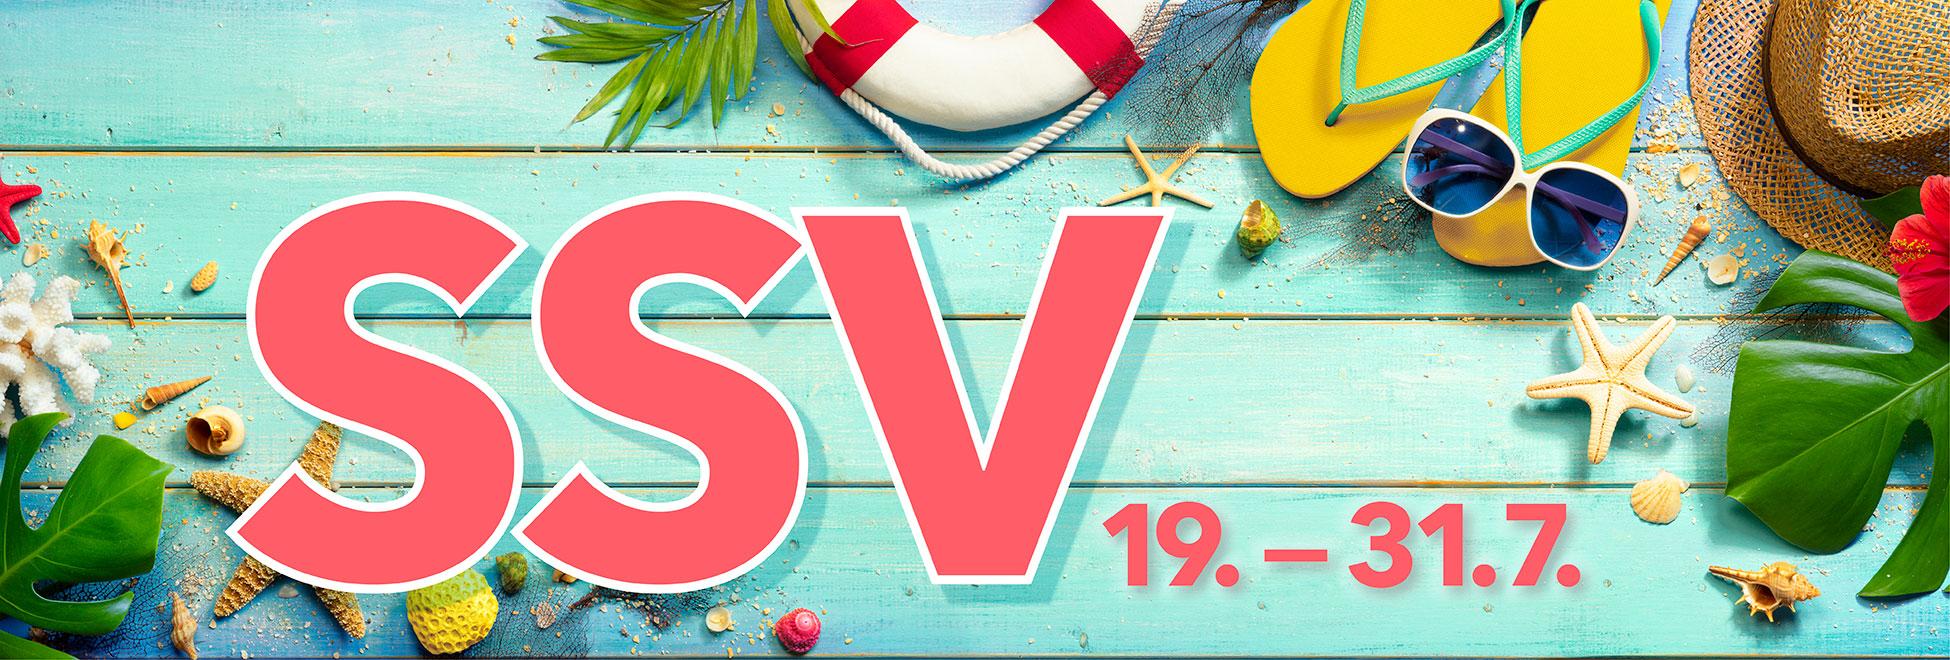 SSV 2021